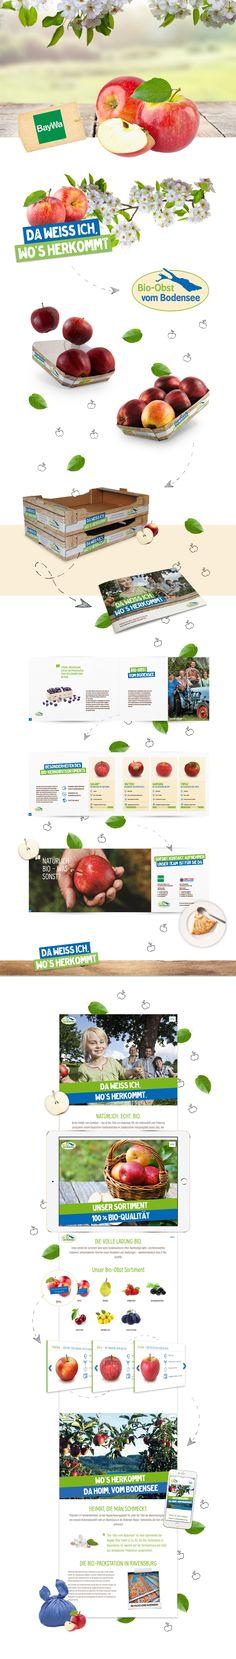 BayWa Obst: Rebranding und Markenkommunikation für die Marke Bio-Obst vom Bodensee #rebranding #markenkommunikation #packagingdesign #webdesign #printdesign